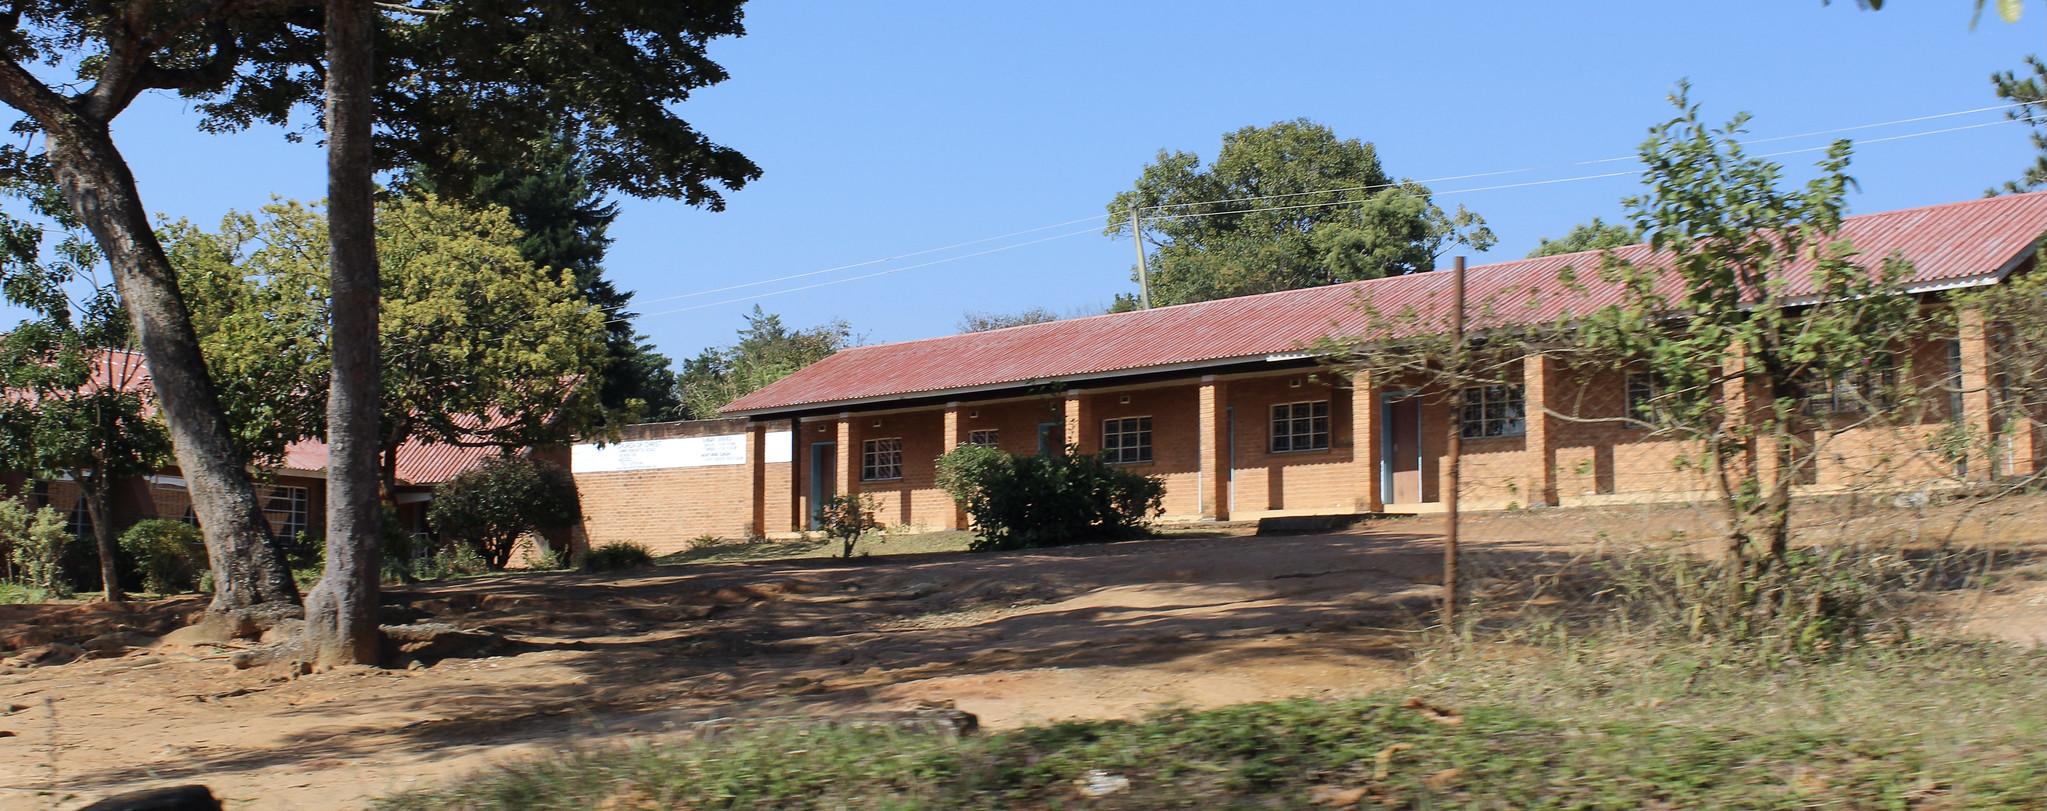 Ezelina's home village